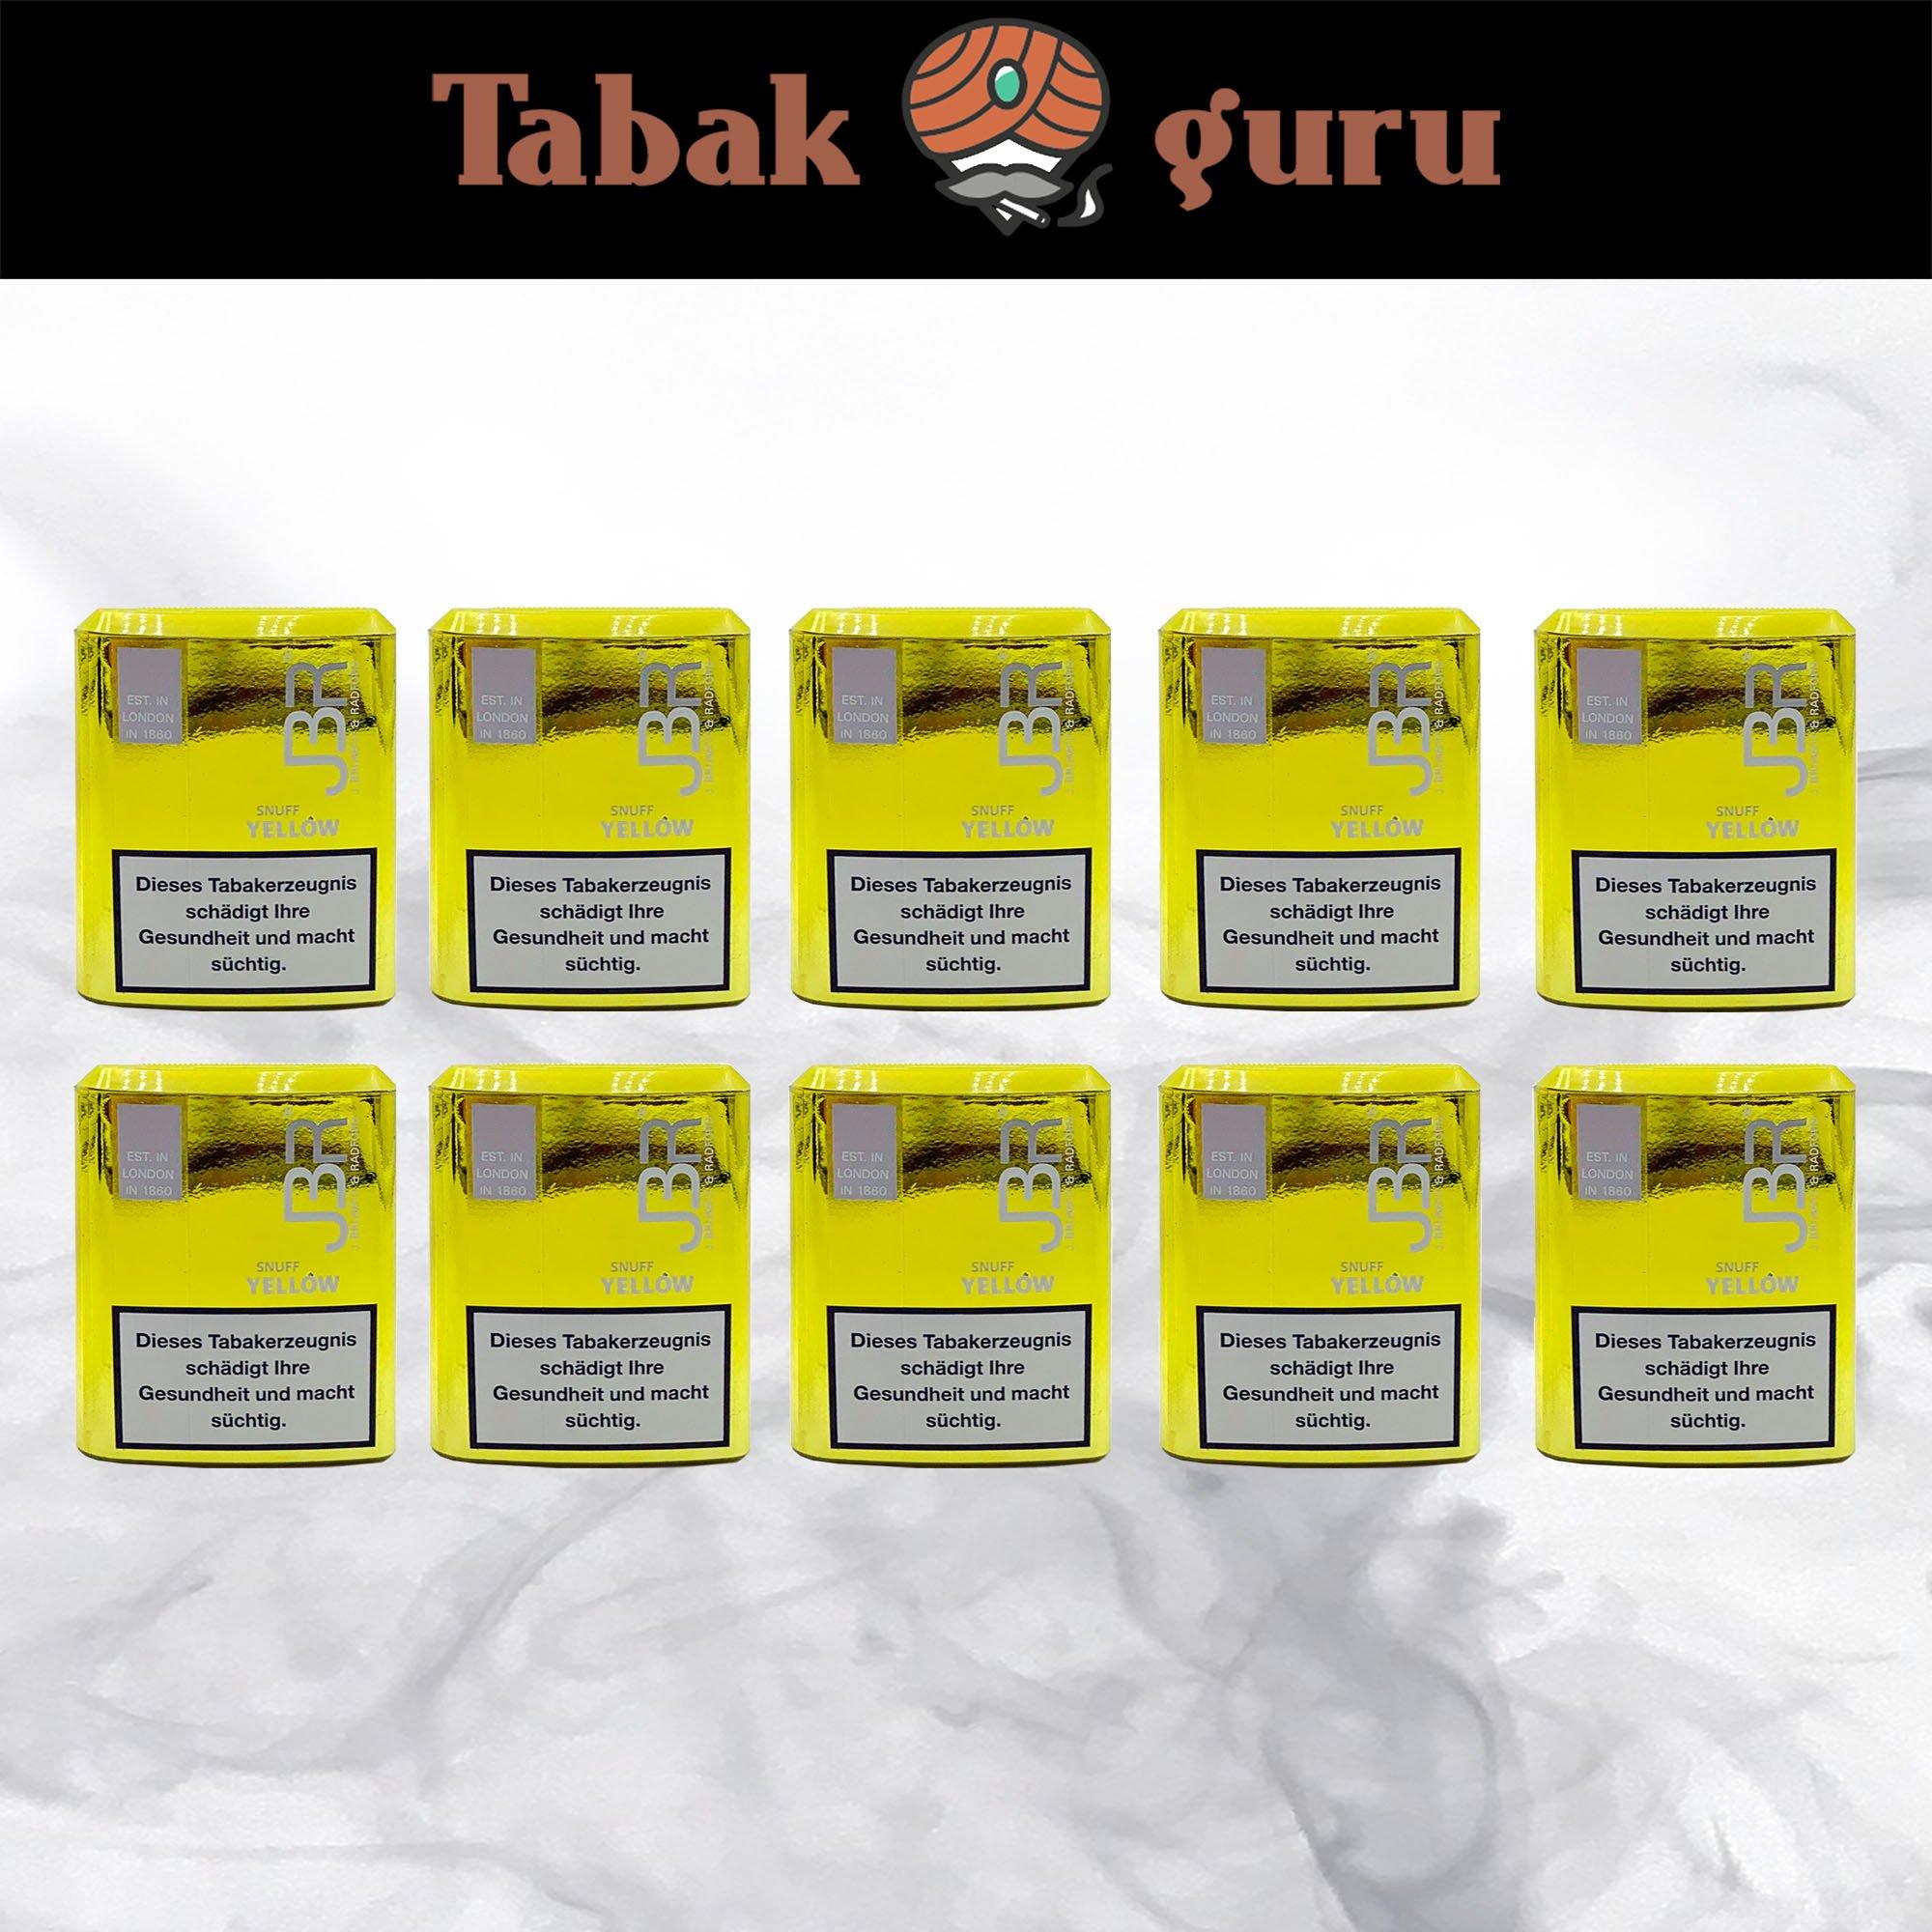 JBR Yellow Snuff Schnupftabak von Pöschl 10x10g Dosen